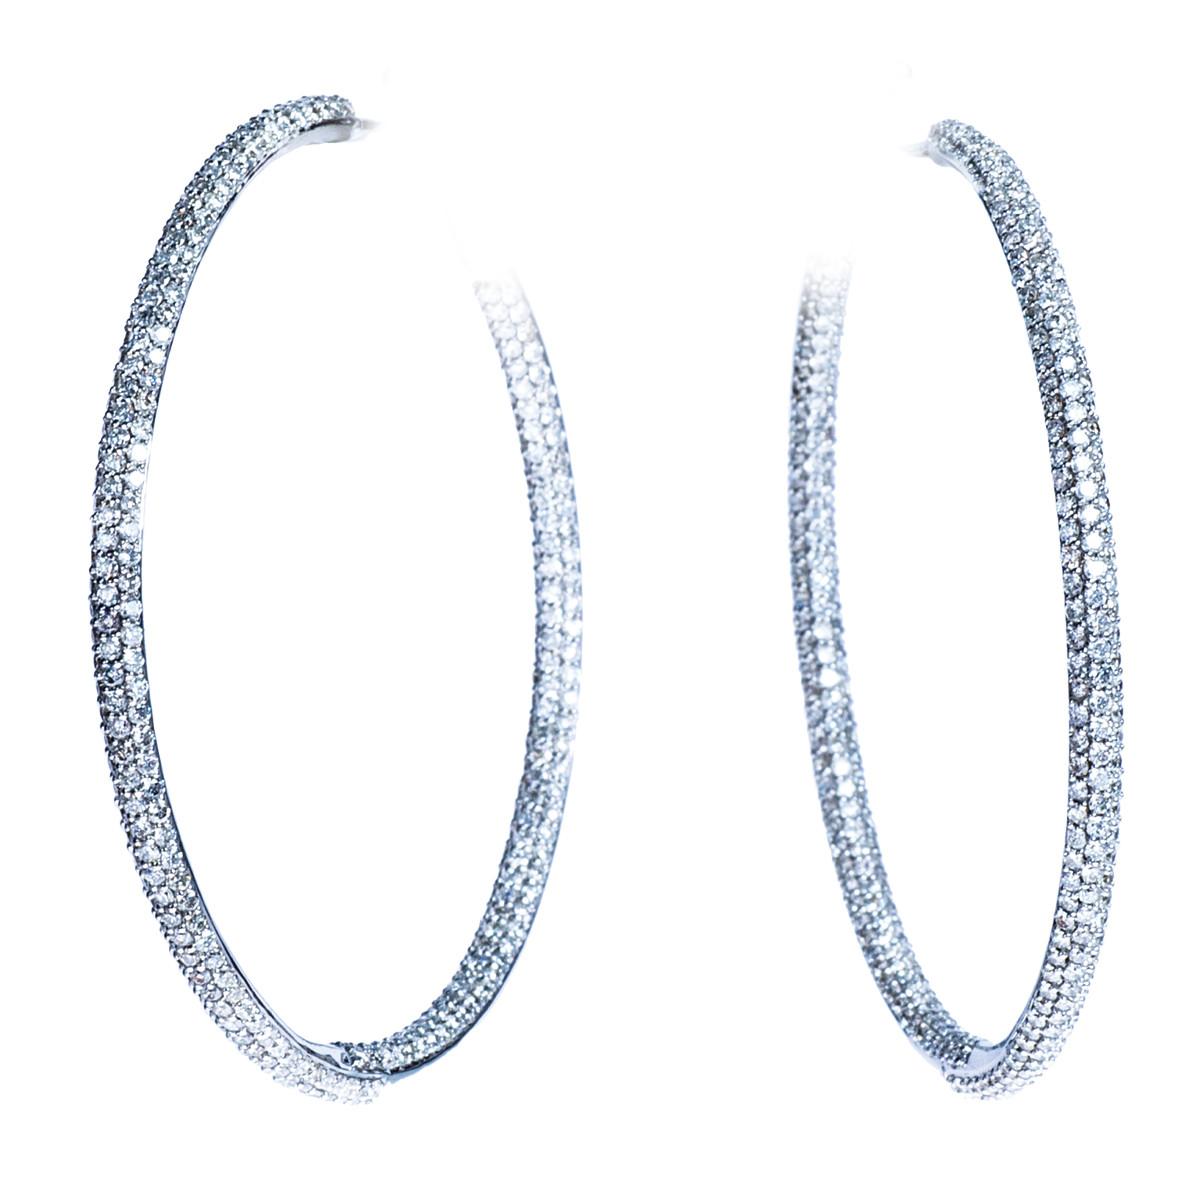 3.88 CTW Diamond Hoop Earrings